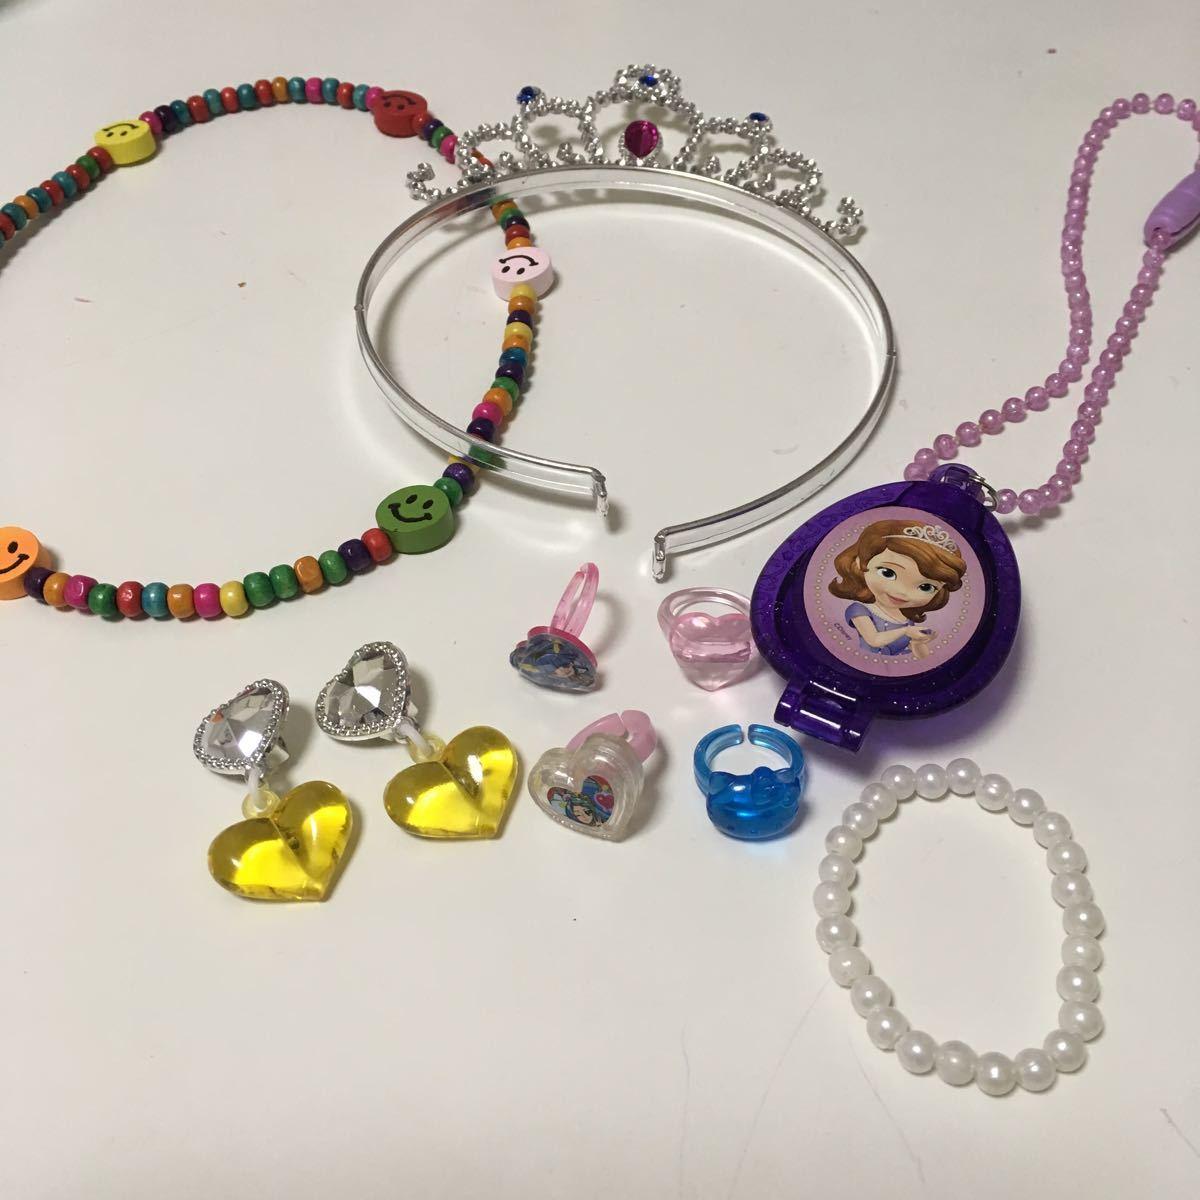 子供用アクセサリーまとめ売りティアラカチューシャネックレスイヤリングブレスレット指輪プリキュアソフィアキティーちゃん